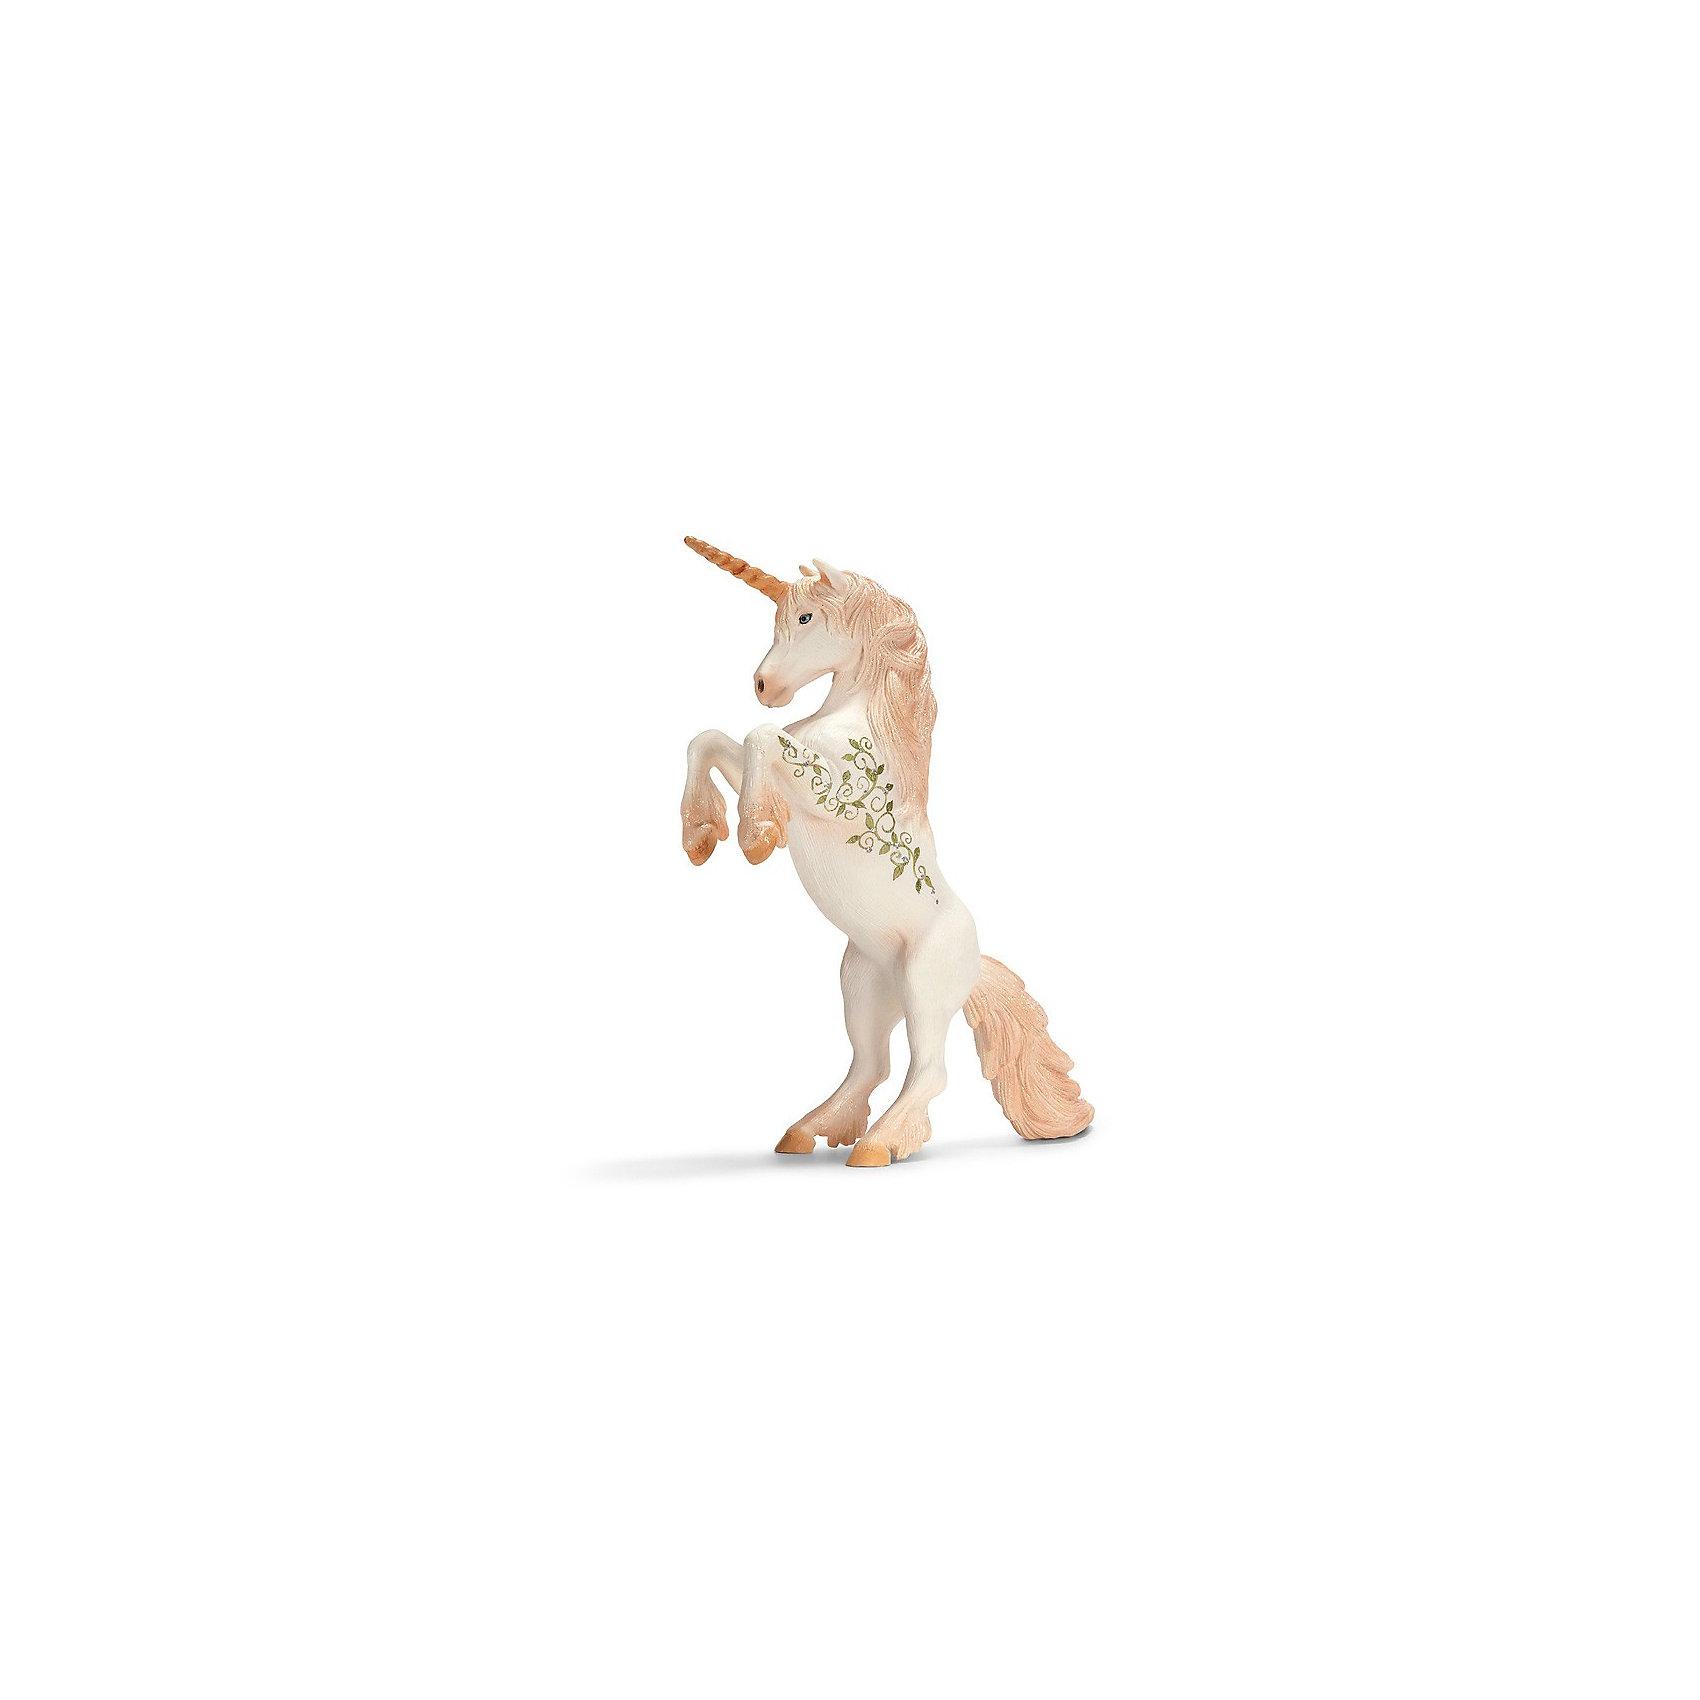 Schleich Единорог, вставший на дыбы. Серия ЭльфыКоллекционные и игровые фигурки фирмы Schleich (Шляйх) из тематической серии Эльфы: единорог, о котором сложено много сказок и легенд! <br><br>Единорог – это прекрасное дикое животное. Не каждому удается его увидеть, потому что в одно мгновенье он может исчезнуть в чаще леса. <br><br>Волшебное существо, которое удостаивает своей дружбой избранных эльфов.<br><br><br><br>Подробнее:<br><br>- Размеры упаковки (ДxШxВ): прибл. 15 x 8,5 x 18 см<br>- Фигурка раскрашена вручную<br><br>Ширина мм: 188<br>Глубина мм: 159<br>Высота мм: 97<br>Вес г: 196<br>Возраст от месяцев: 36<br>Возраст до месяцев: 96<br>Пол: Женский<br>Возраст: Детский<br>SKU: 1995579